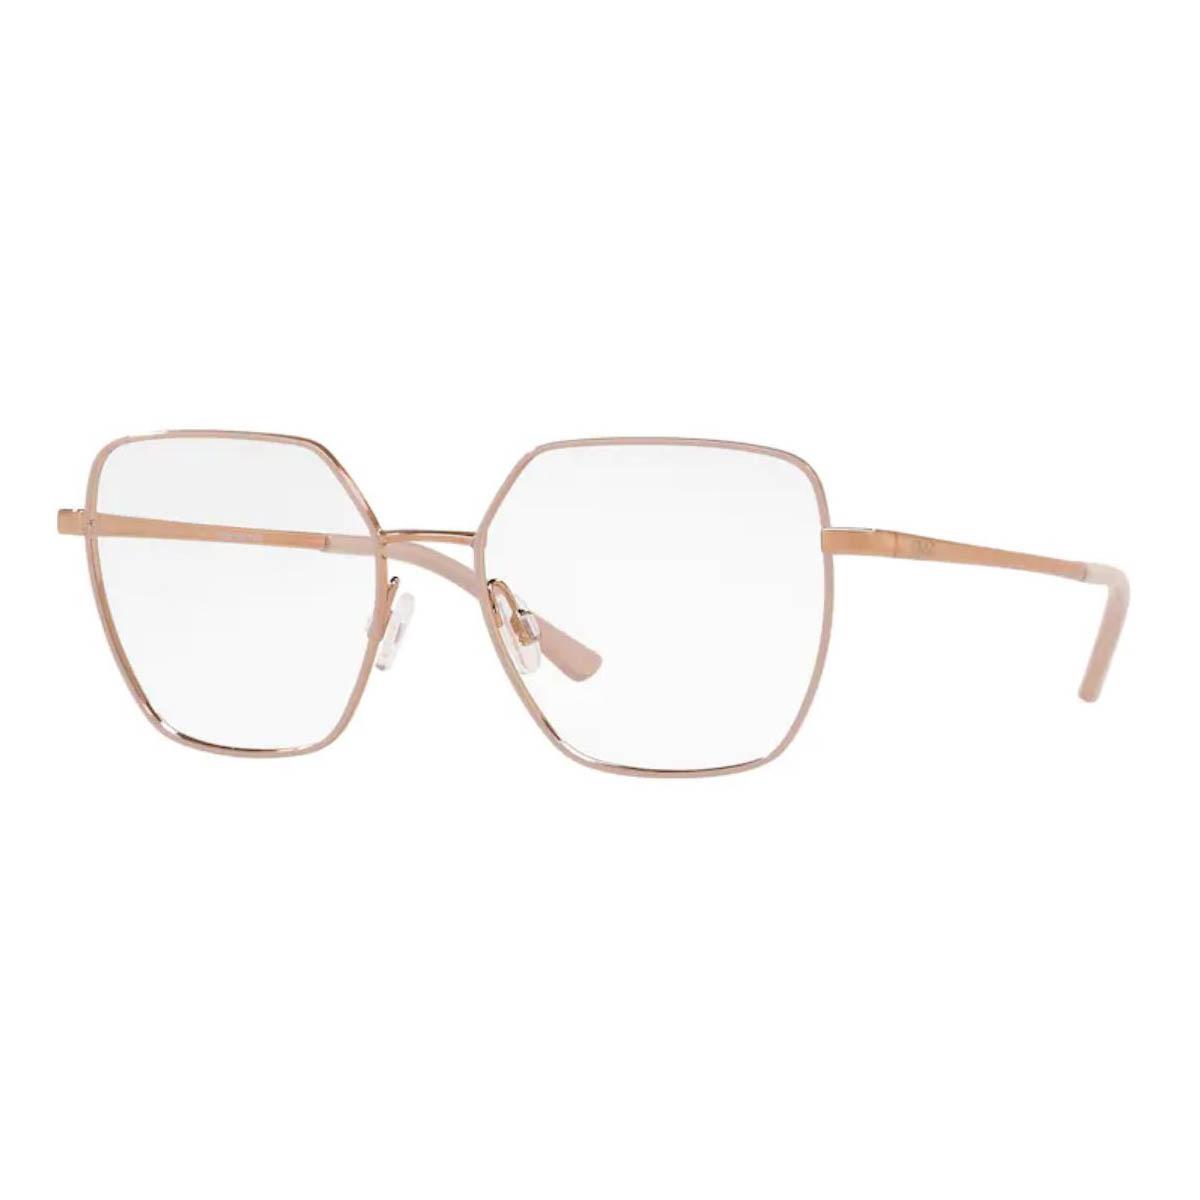 Óculos de Grau Feminino Grazi GZ1014 Quadrado Dourado com Nude